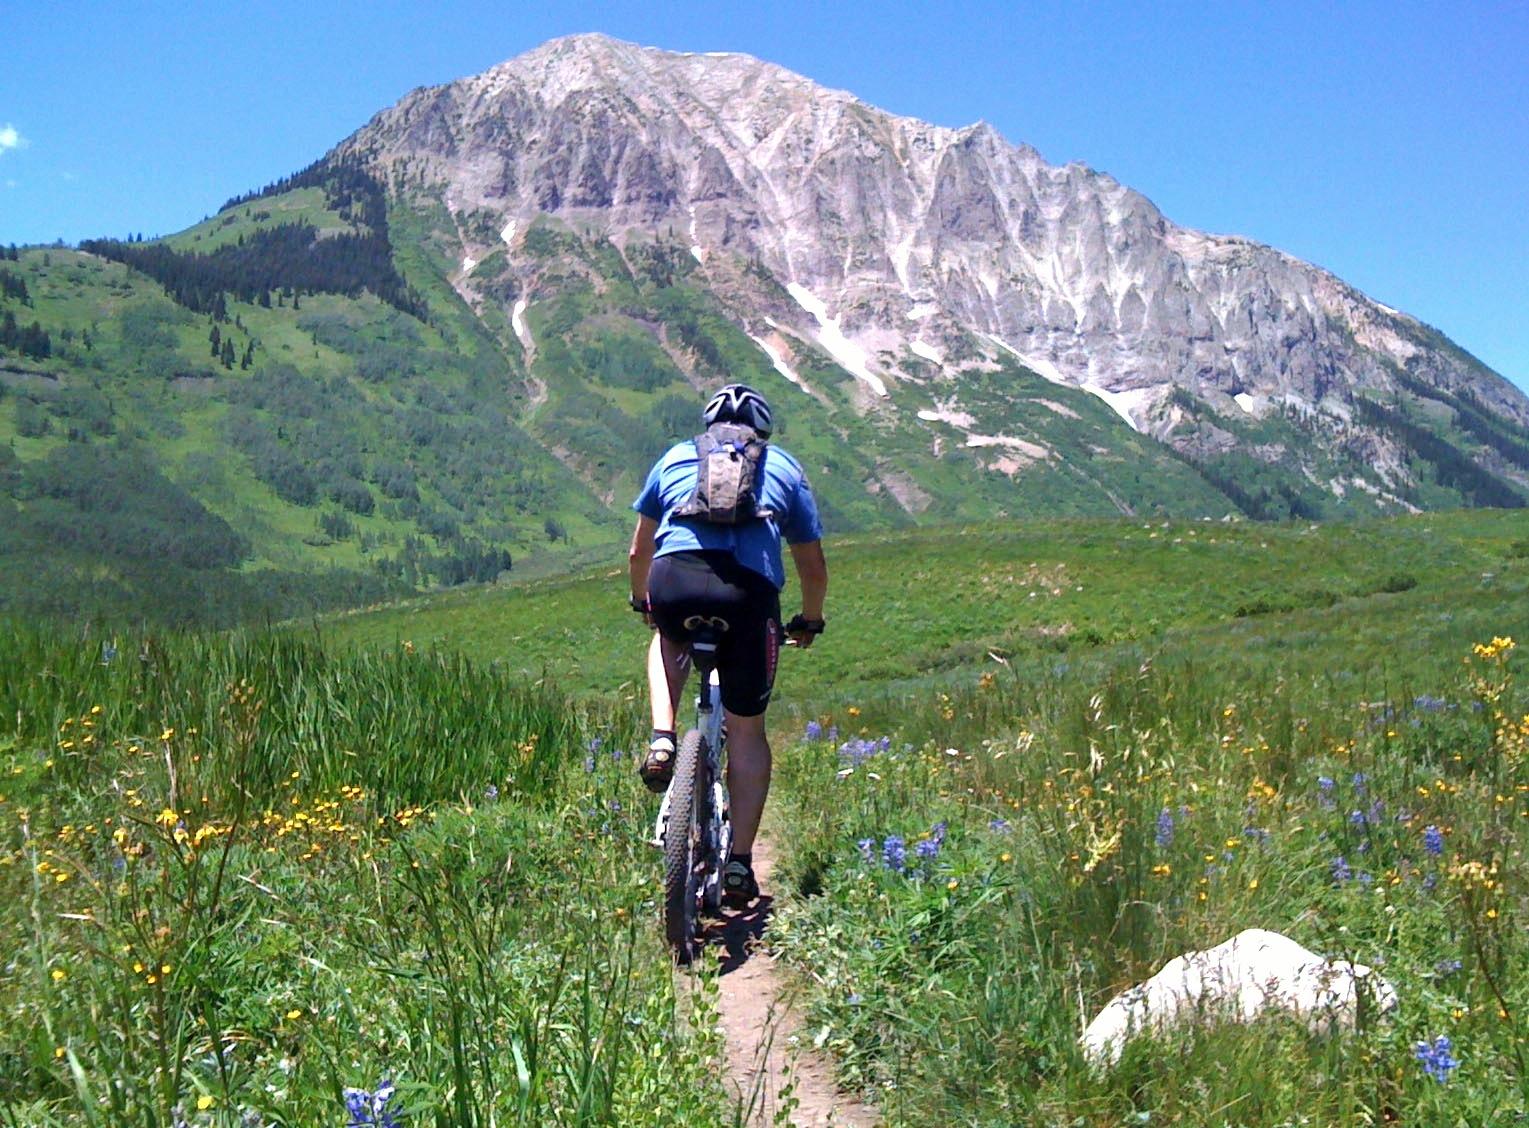 Mountain Bike Action Shoe Review